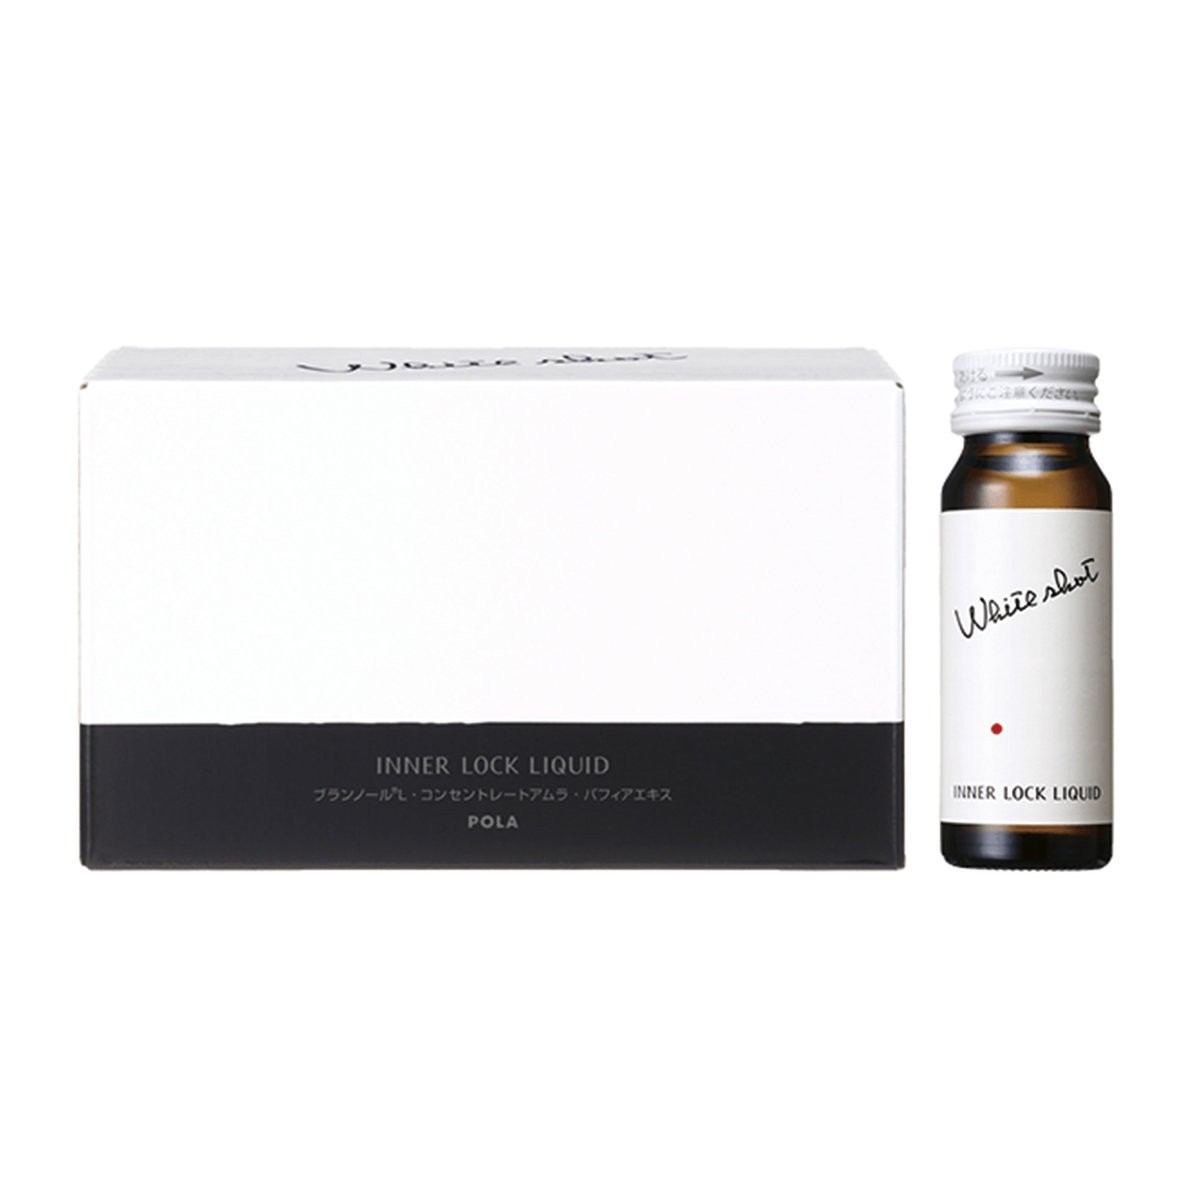 日本POLA WHITE SHOT 美白口服液 IXS 10瓶入 300ml 怎么样 - 亚米网